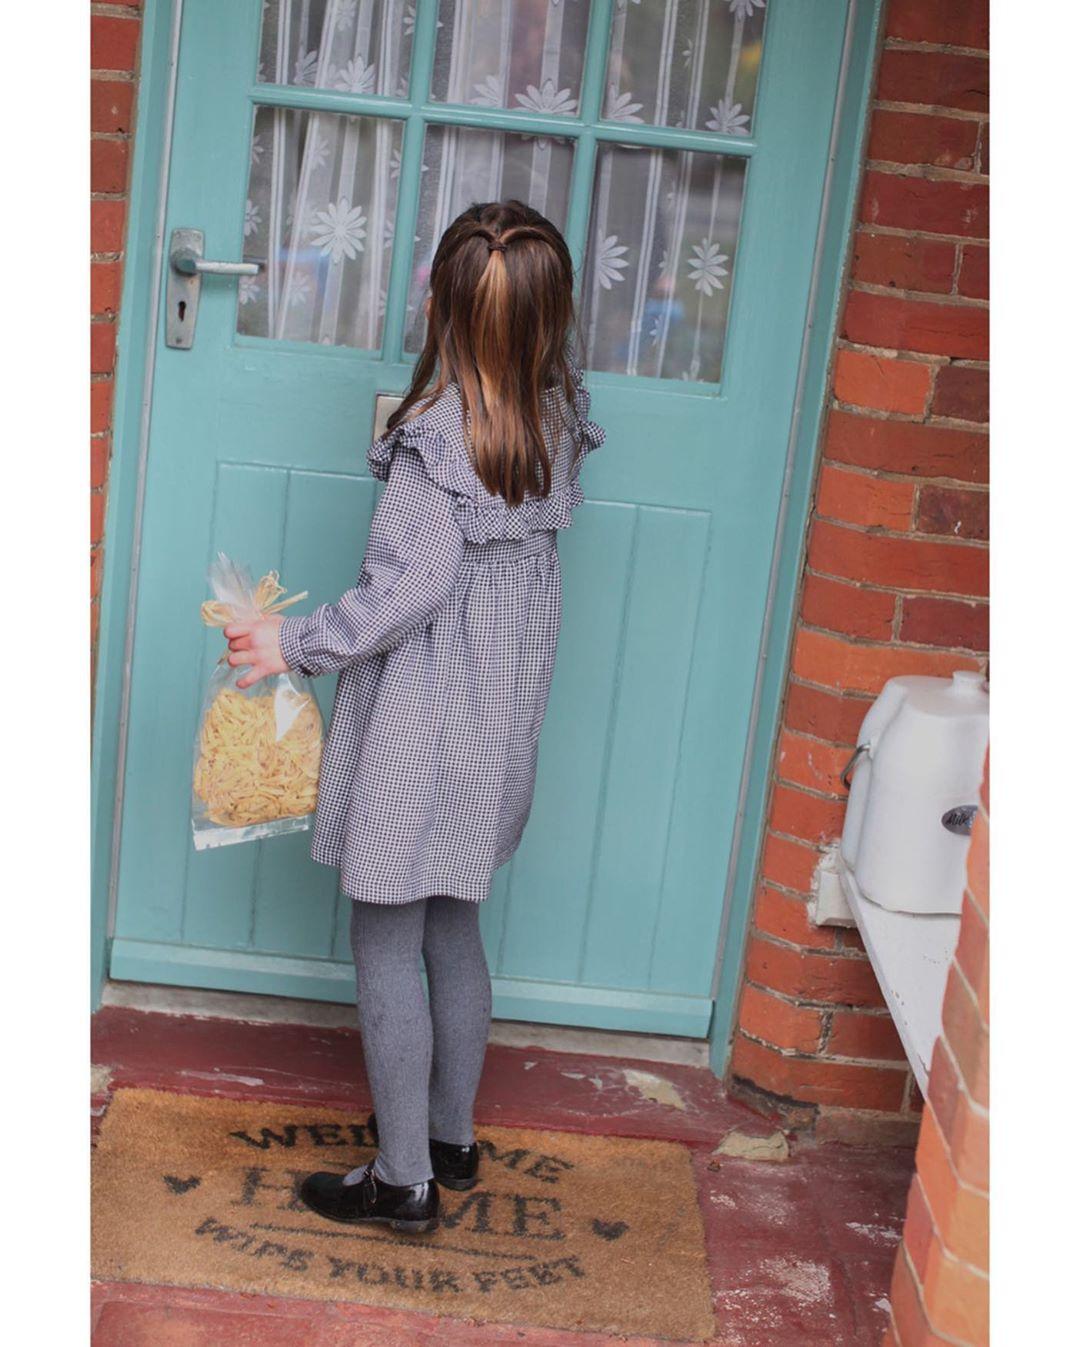 英国夏洛特公主5岁了! 凯特王妃拍摄的写真公开